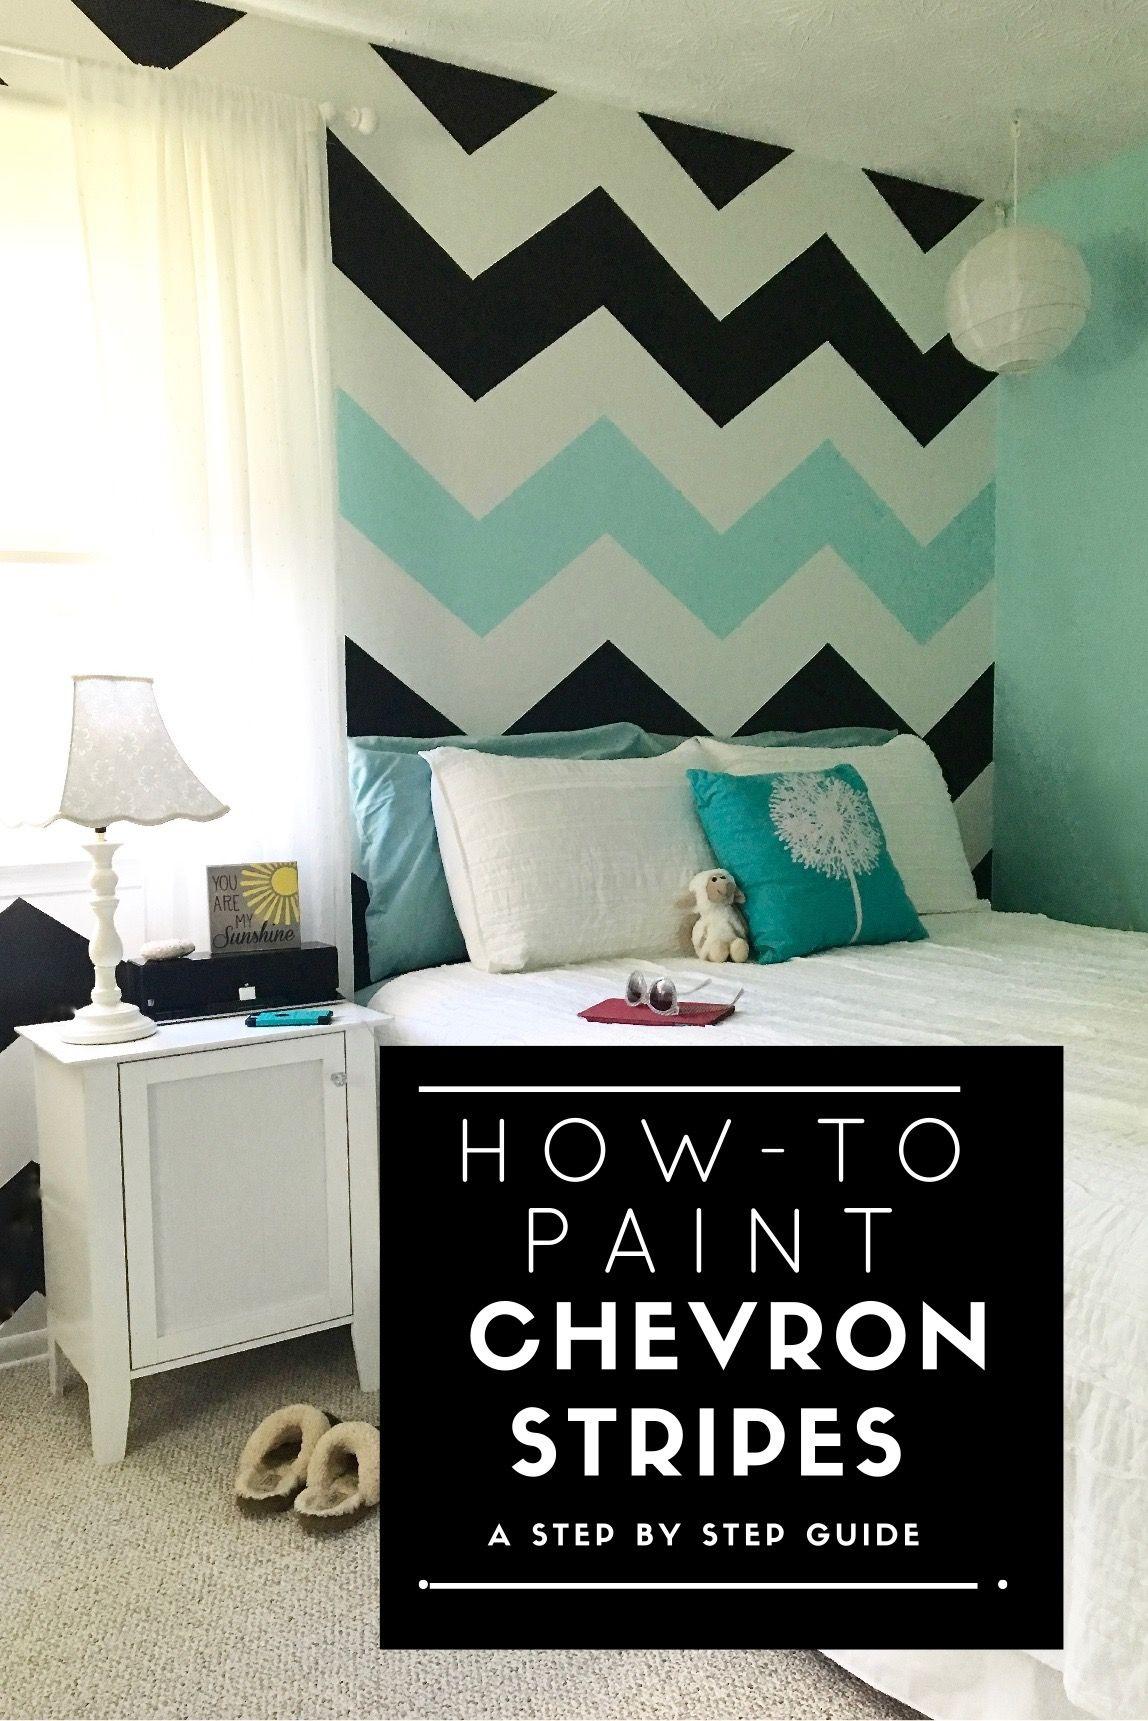 Easy tutorial on How To Paint Chevron Stripes: Black, White & Turquoise